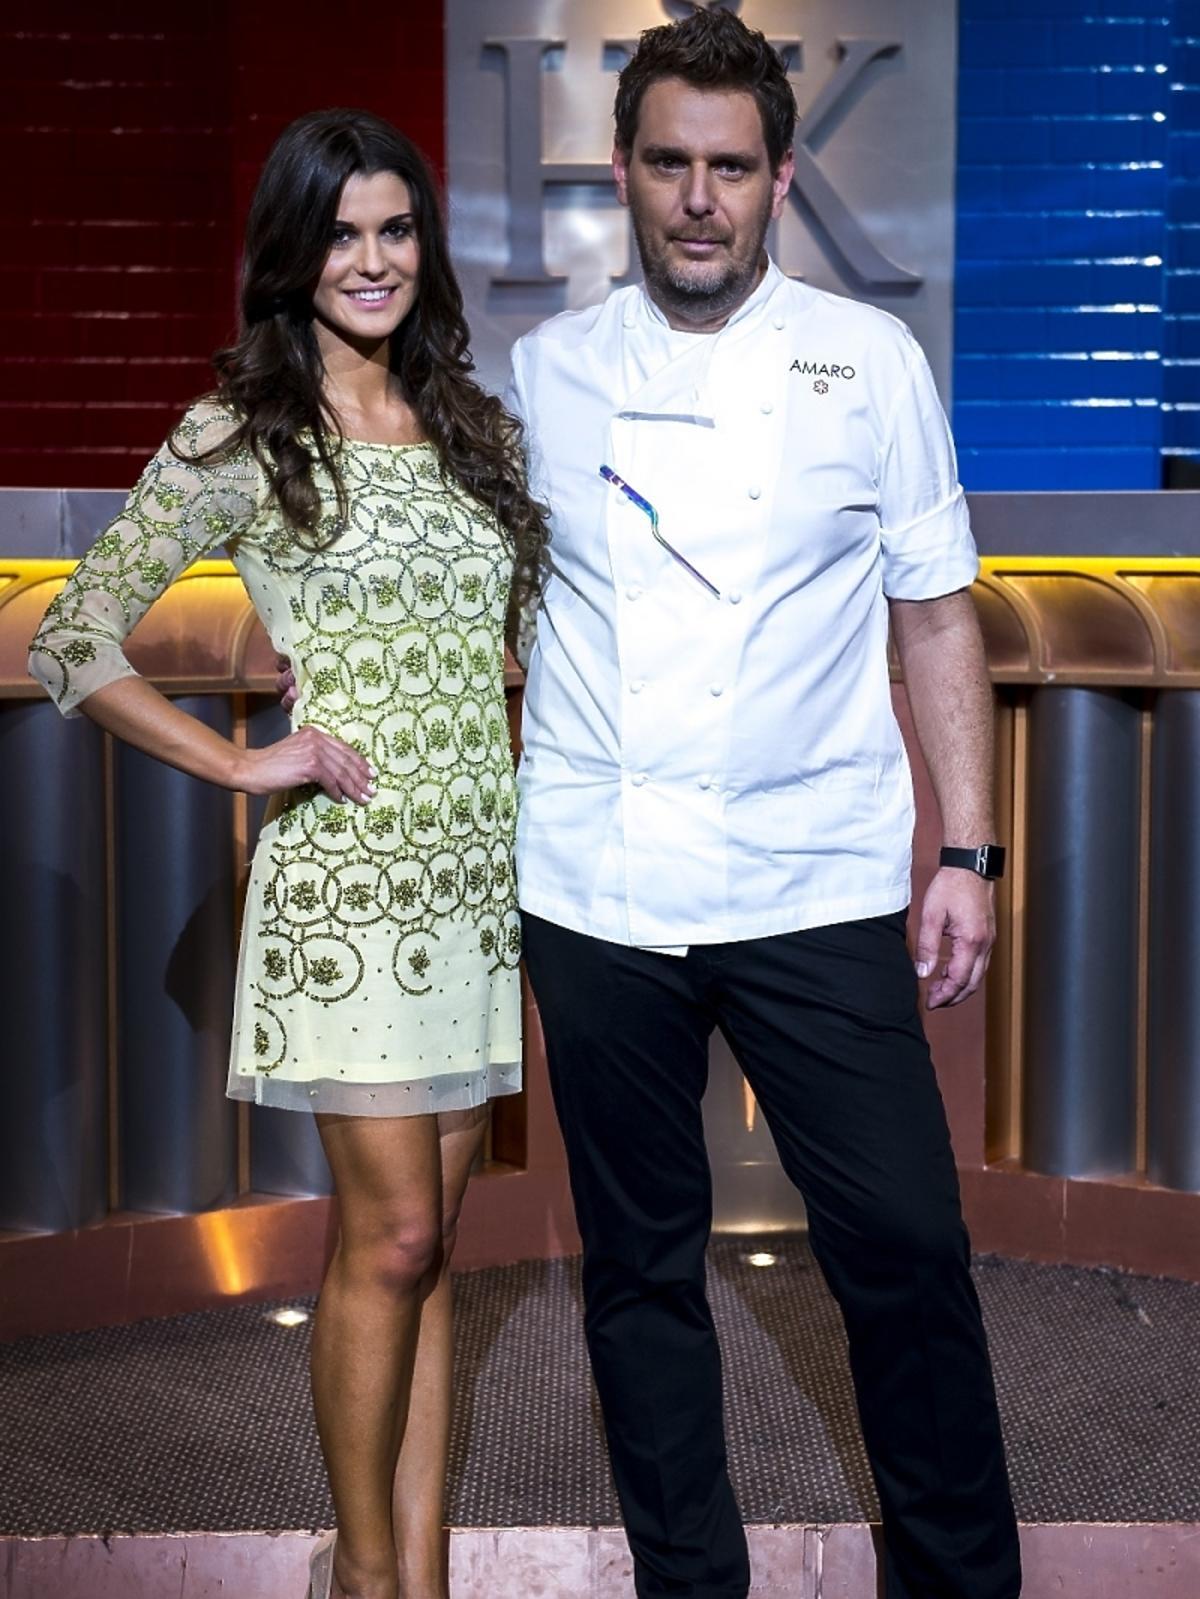 Wojciech Modest Amaro i Katarzyna Krzeszowska na planie Hell's Kitchen